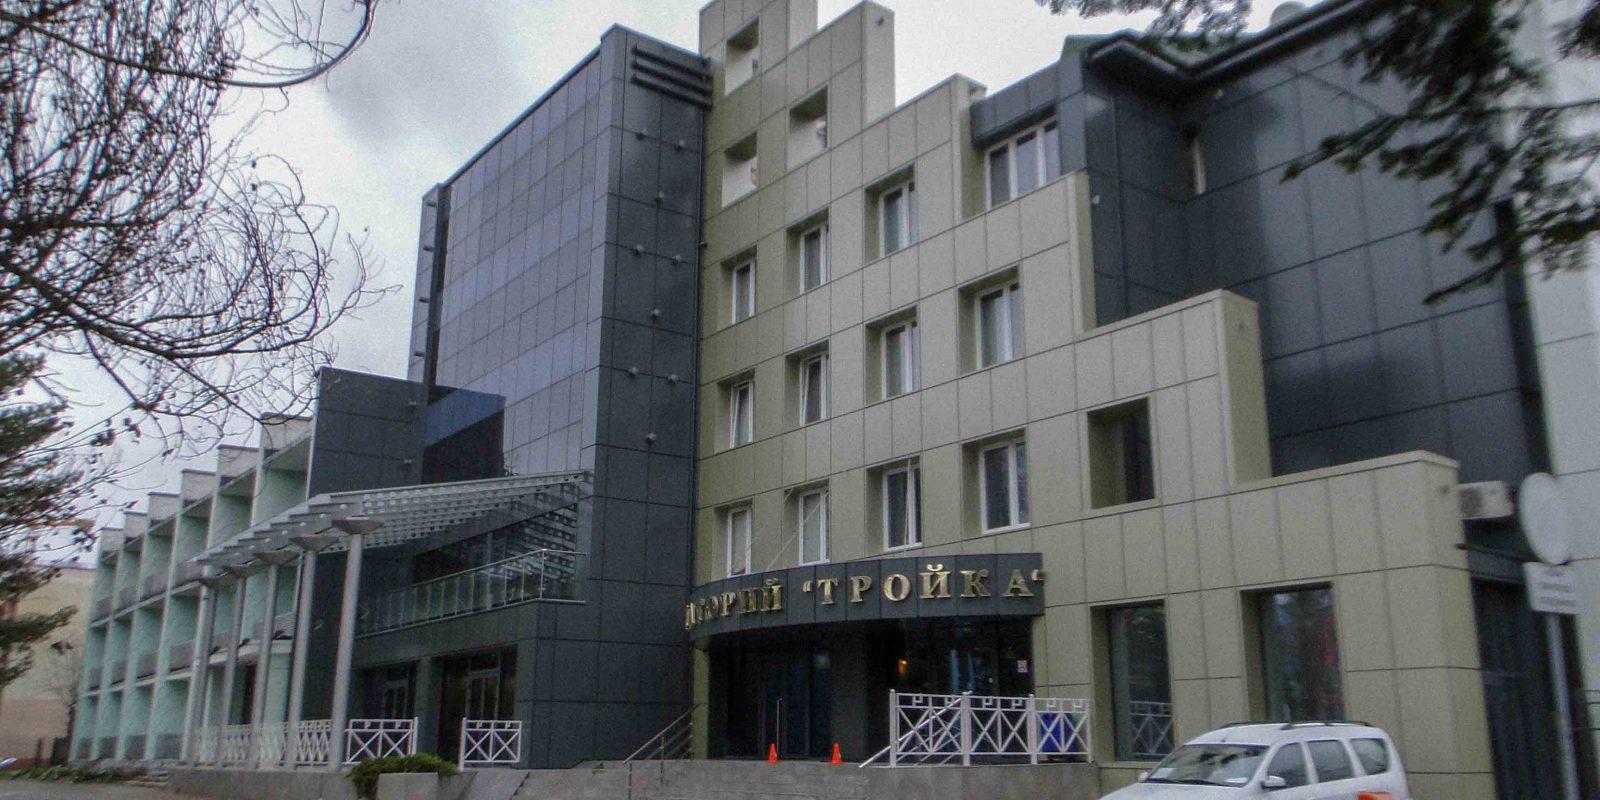 Строительный контроль работ капитального ремонта фасада и коммуникаций здания санатория